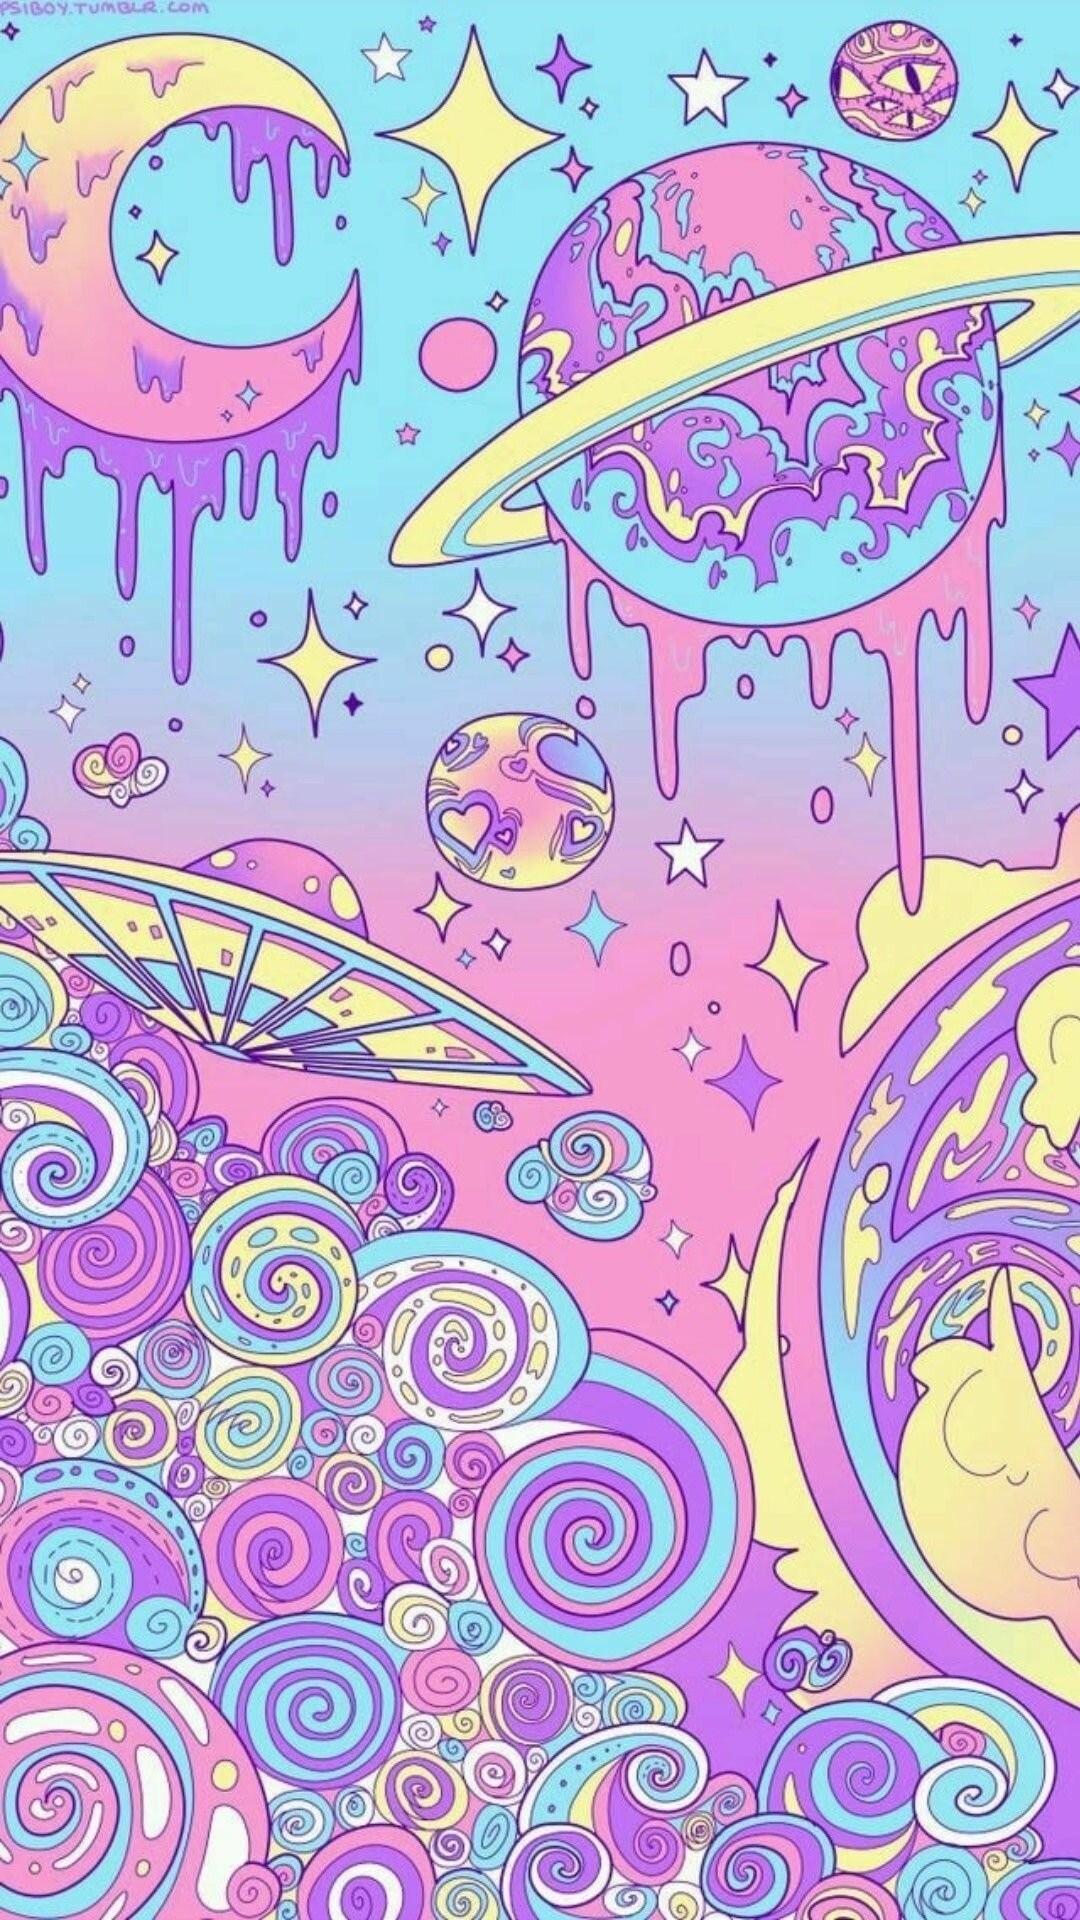 Hippie iPhone wallpaper